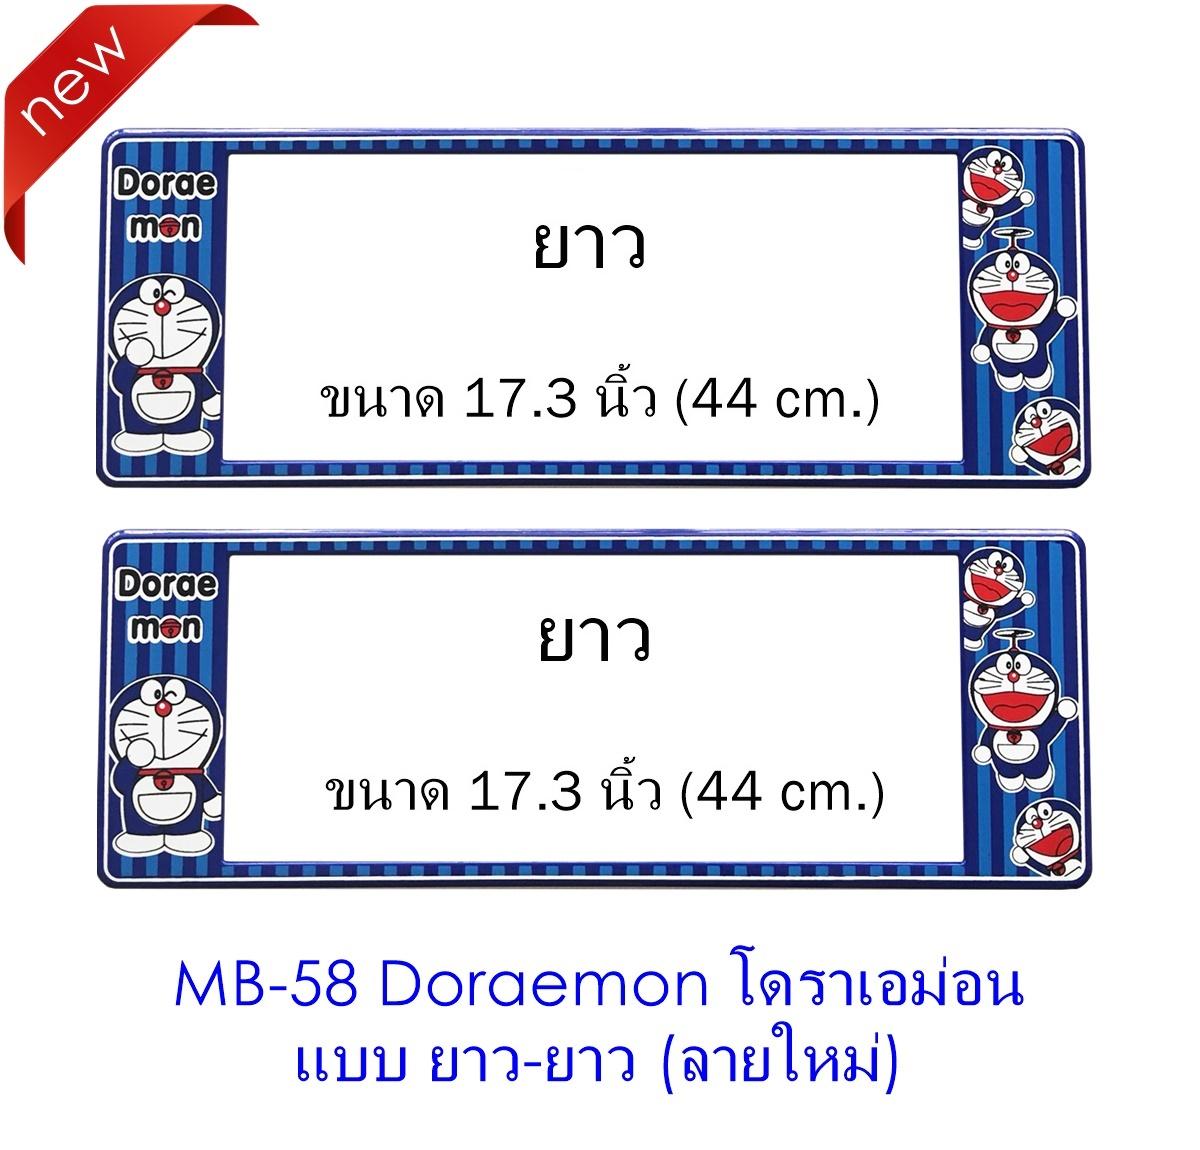 กรอบป้ายทะเบียนรถยนต์กันน้ำ MB-58 Doraemon มี แบบยาว-ยาว ระบบล็อค 8 จุด มีน็อตอะไหล่ในกล่อง